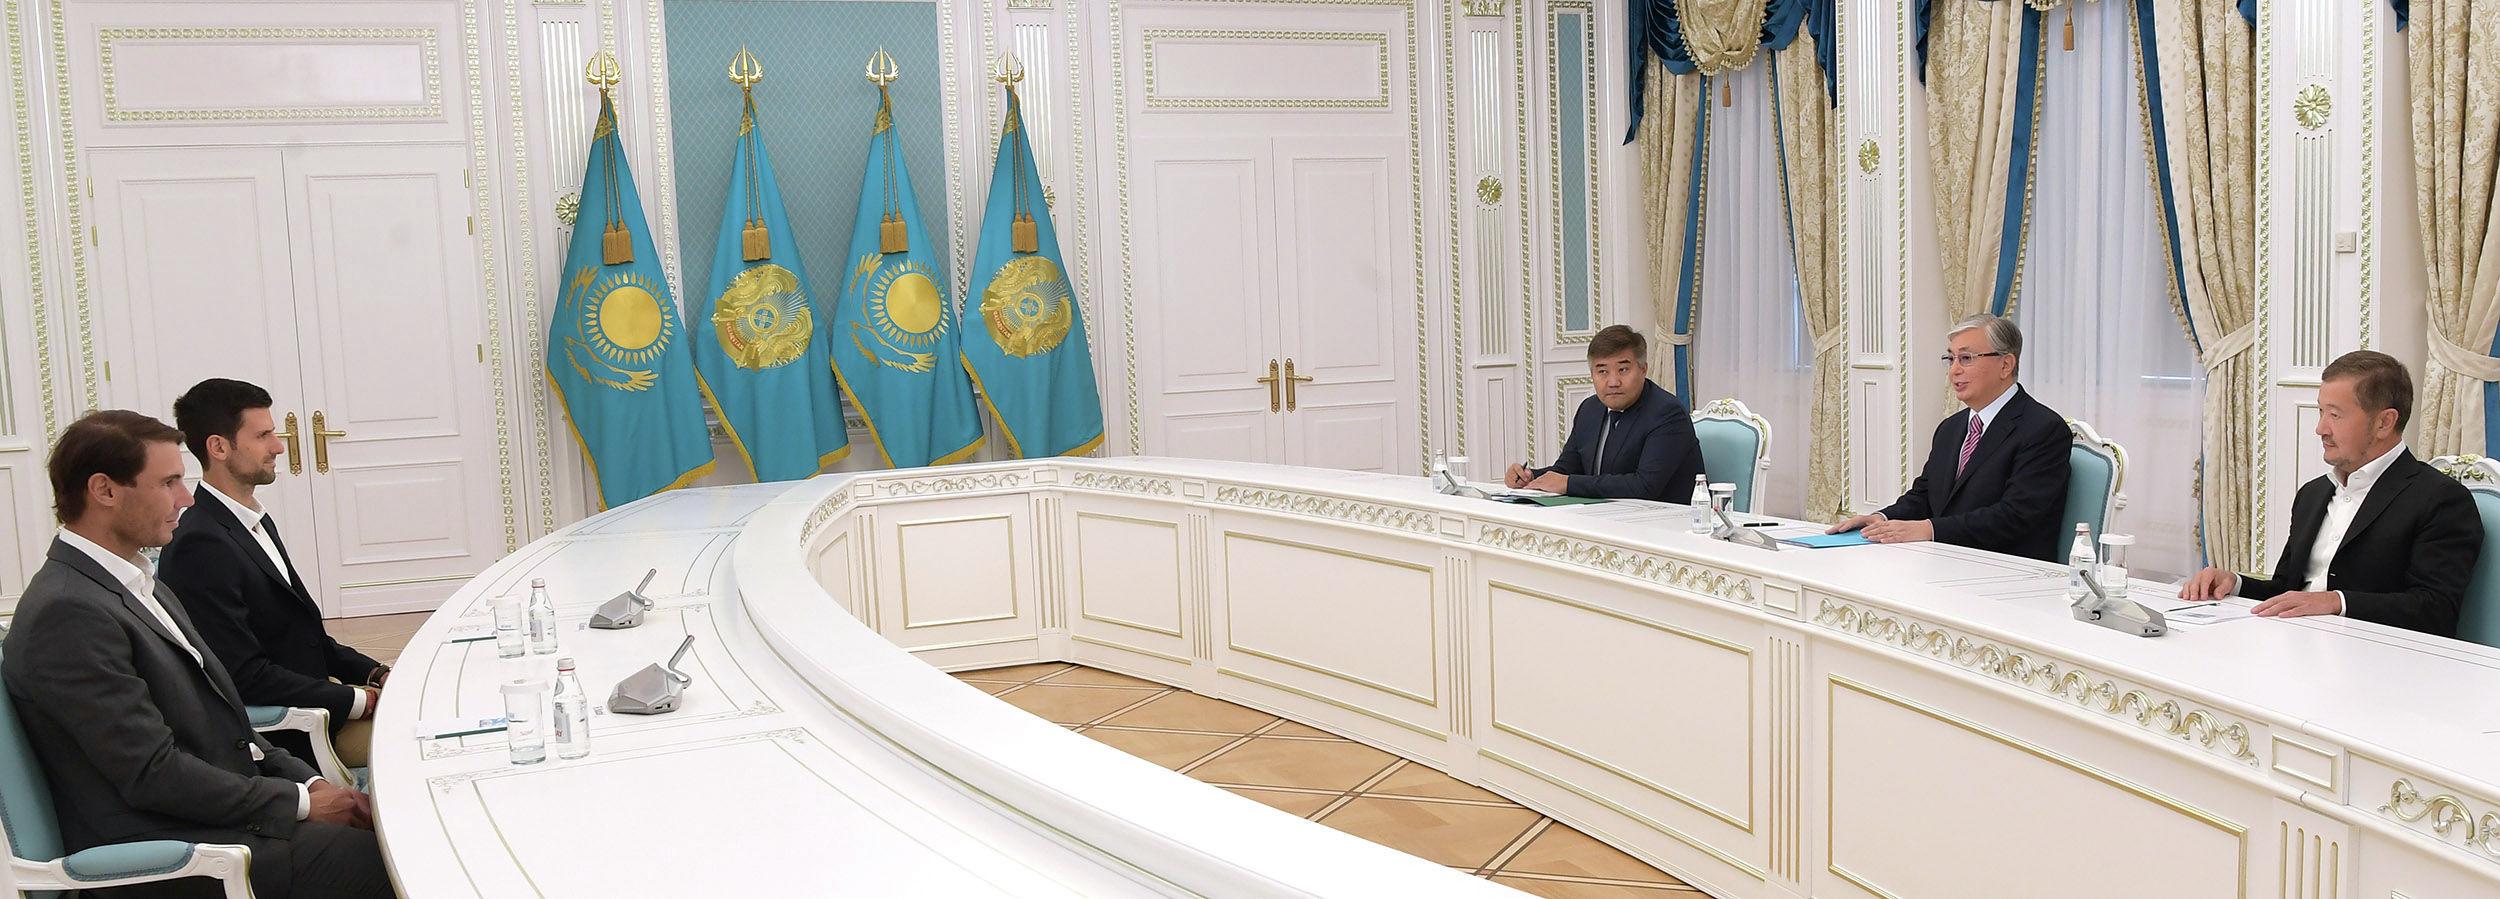 Касым-Жомарт Токаев встретился со звездами мирового тенниса Рафаэлем Надалем и Новаком Джоковичем